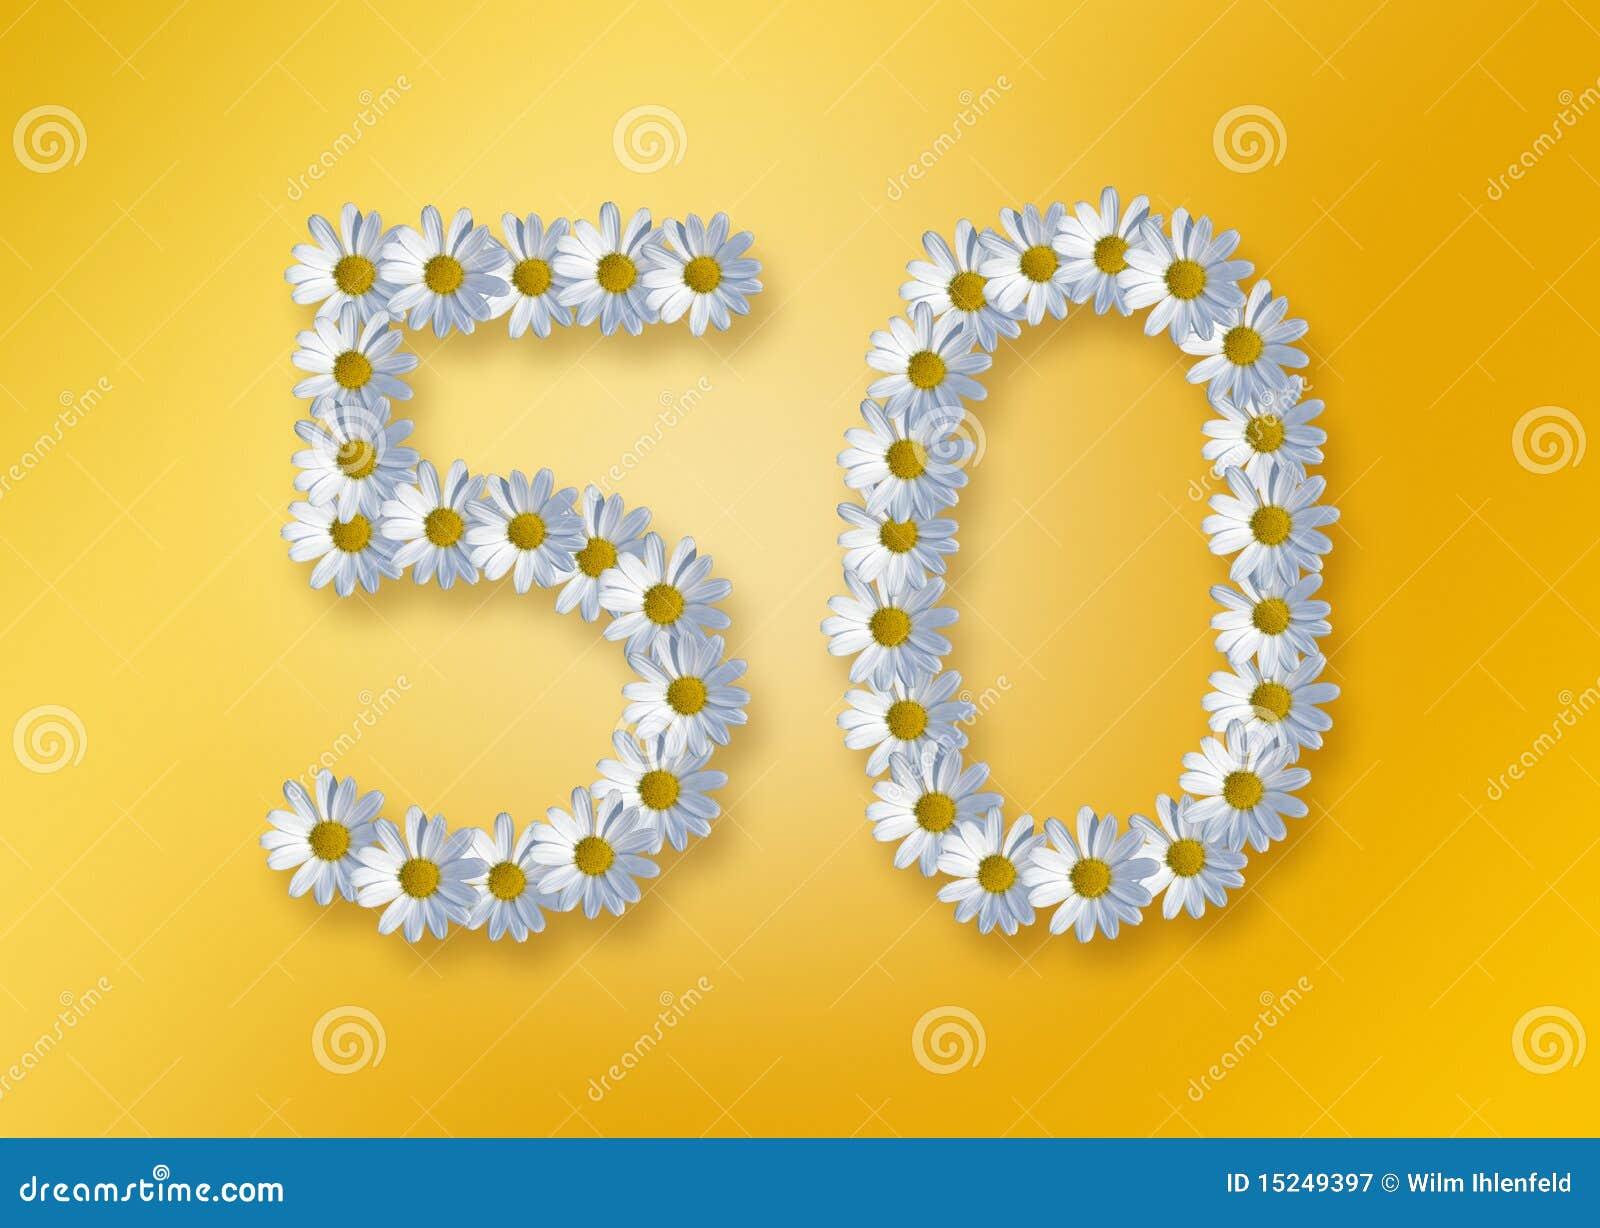 50 Geburtstag Stock Abbildung Illustration Von Blumen 15249397